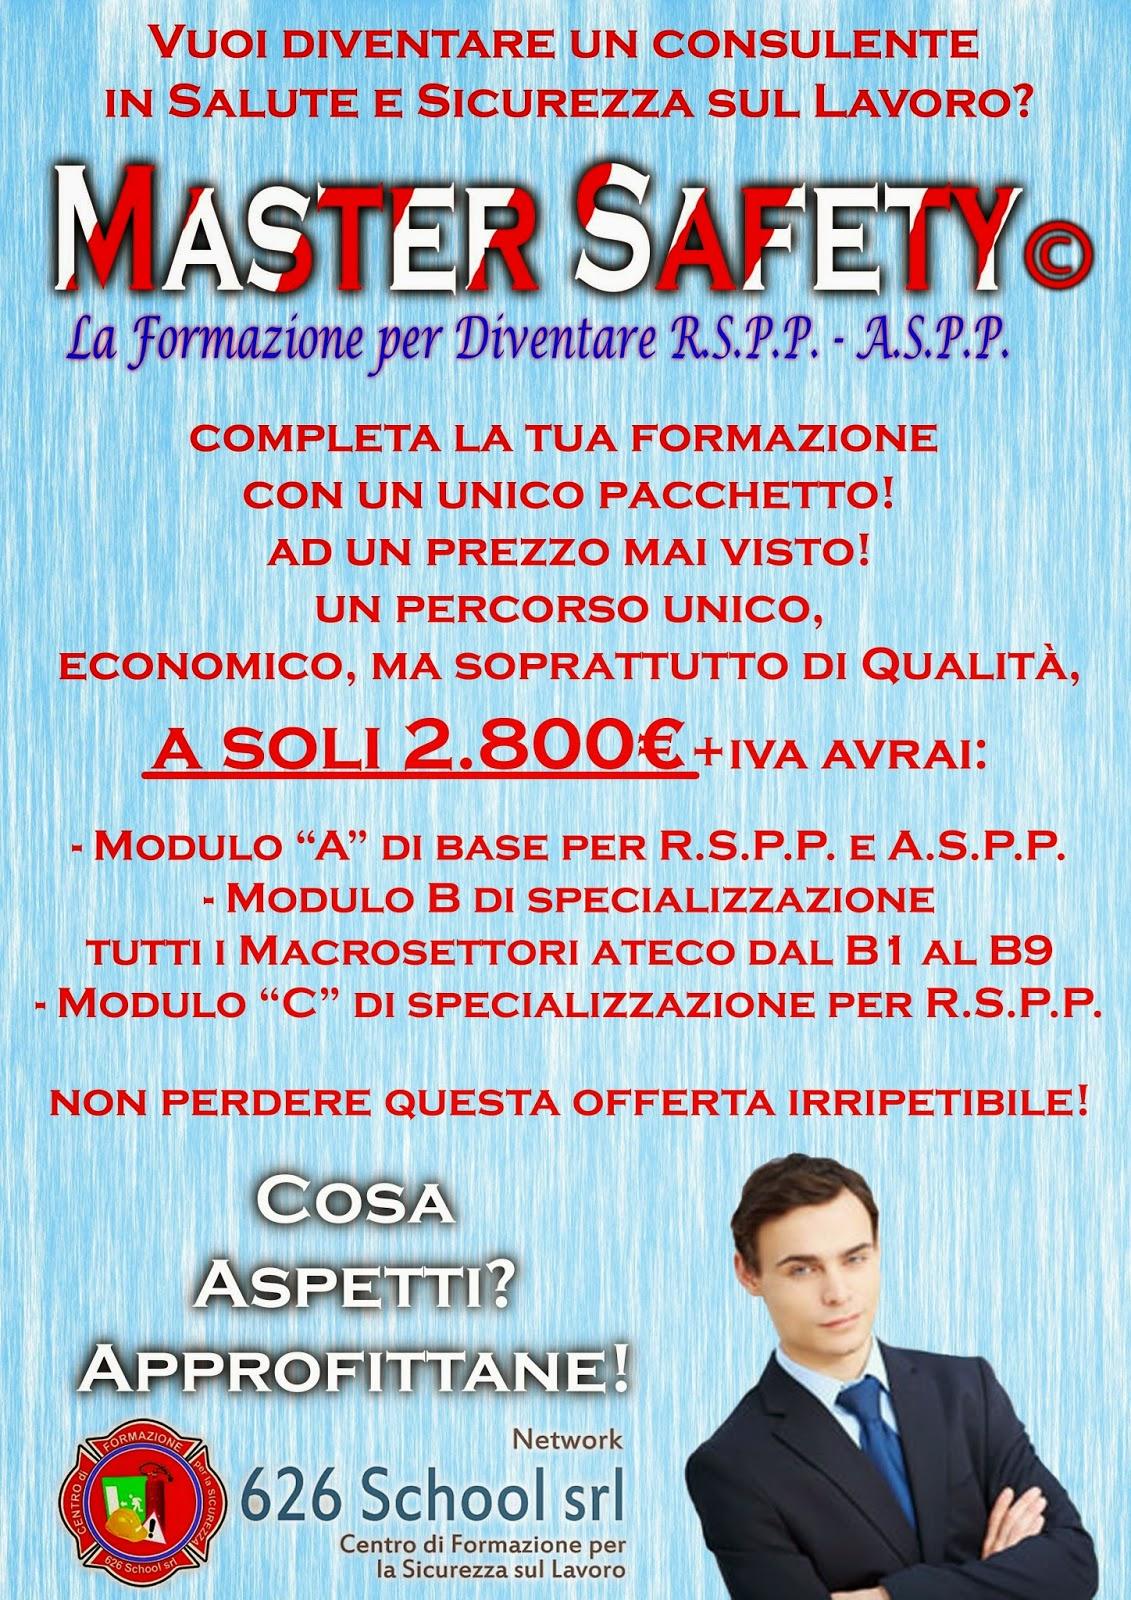 http://www.corsisicurezzacagliari.com/p/moduli-b.html